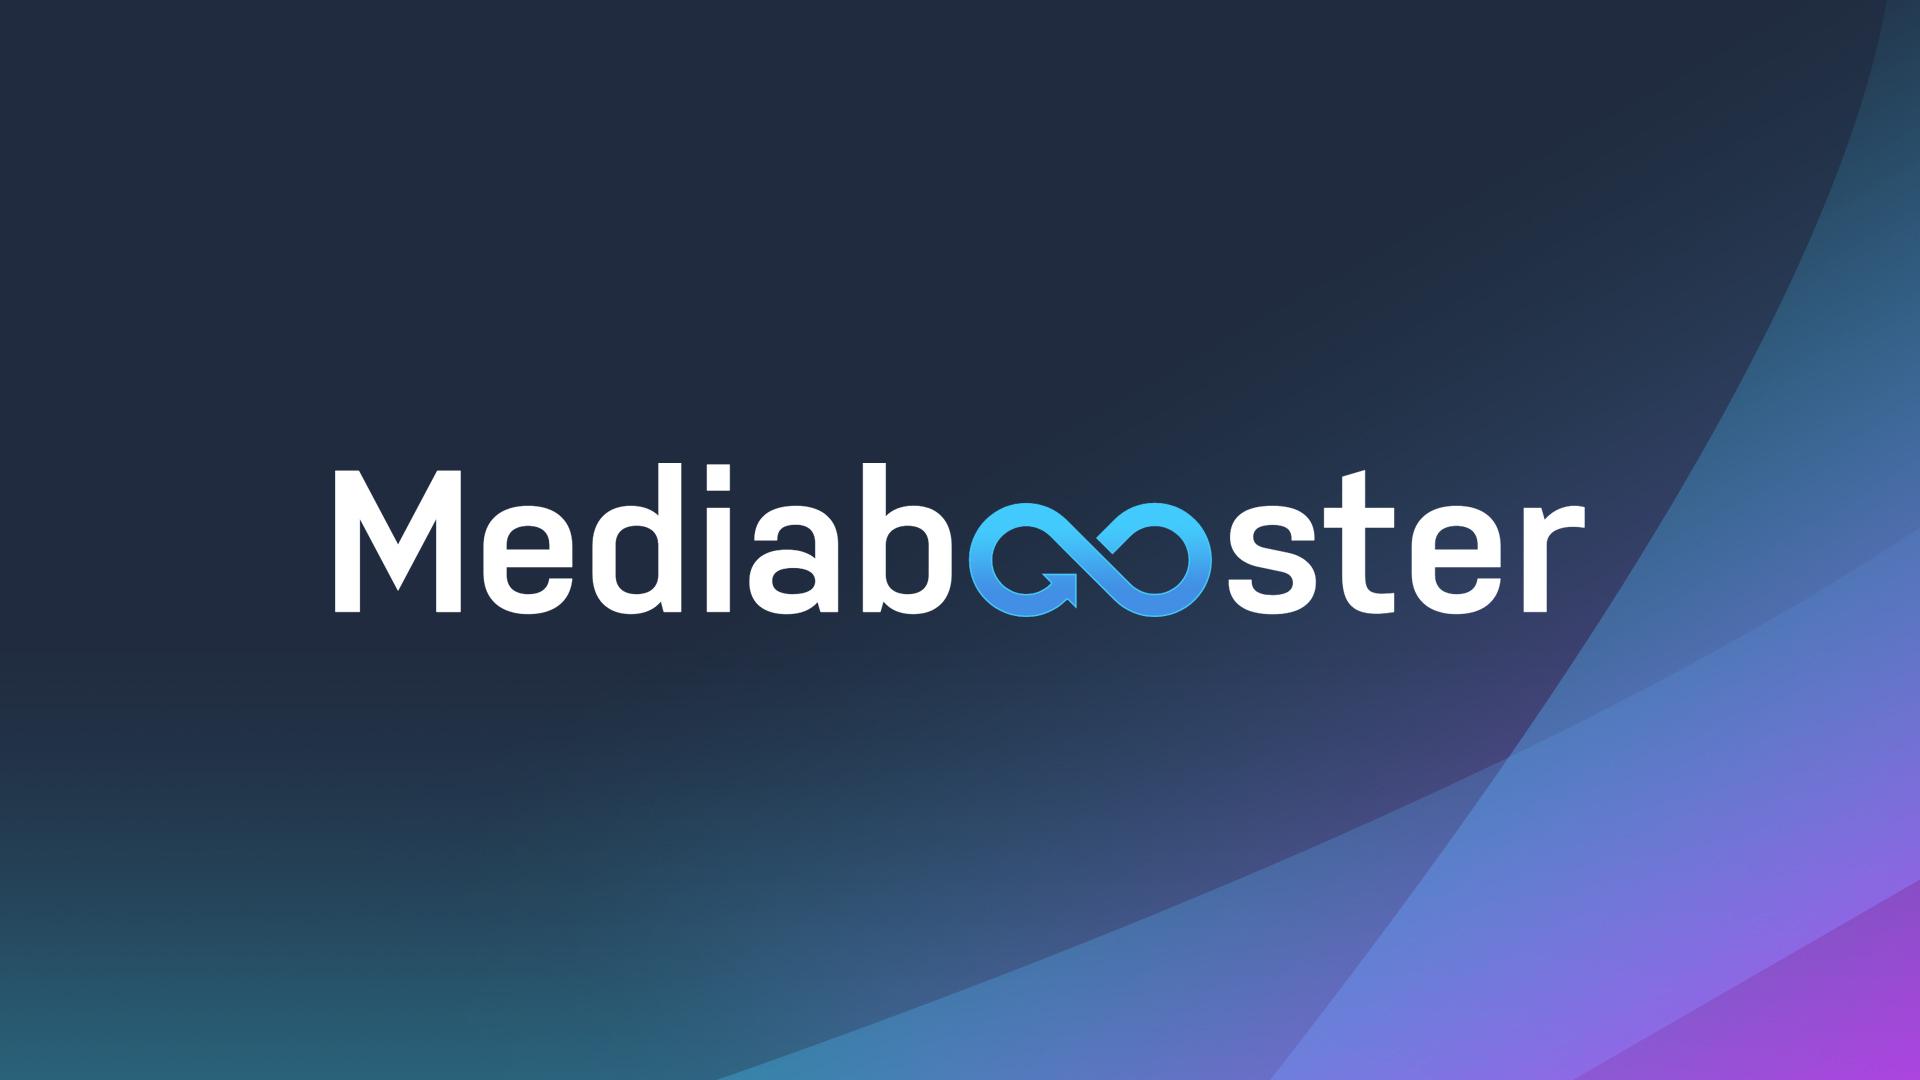 Mediabooster AS